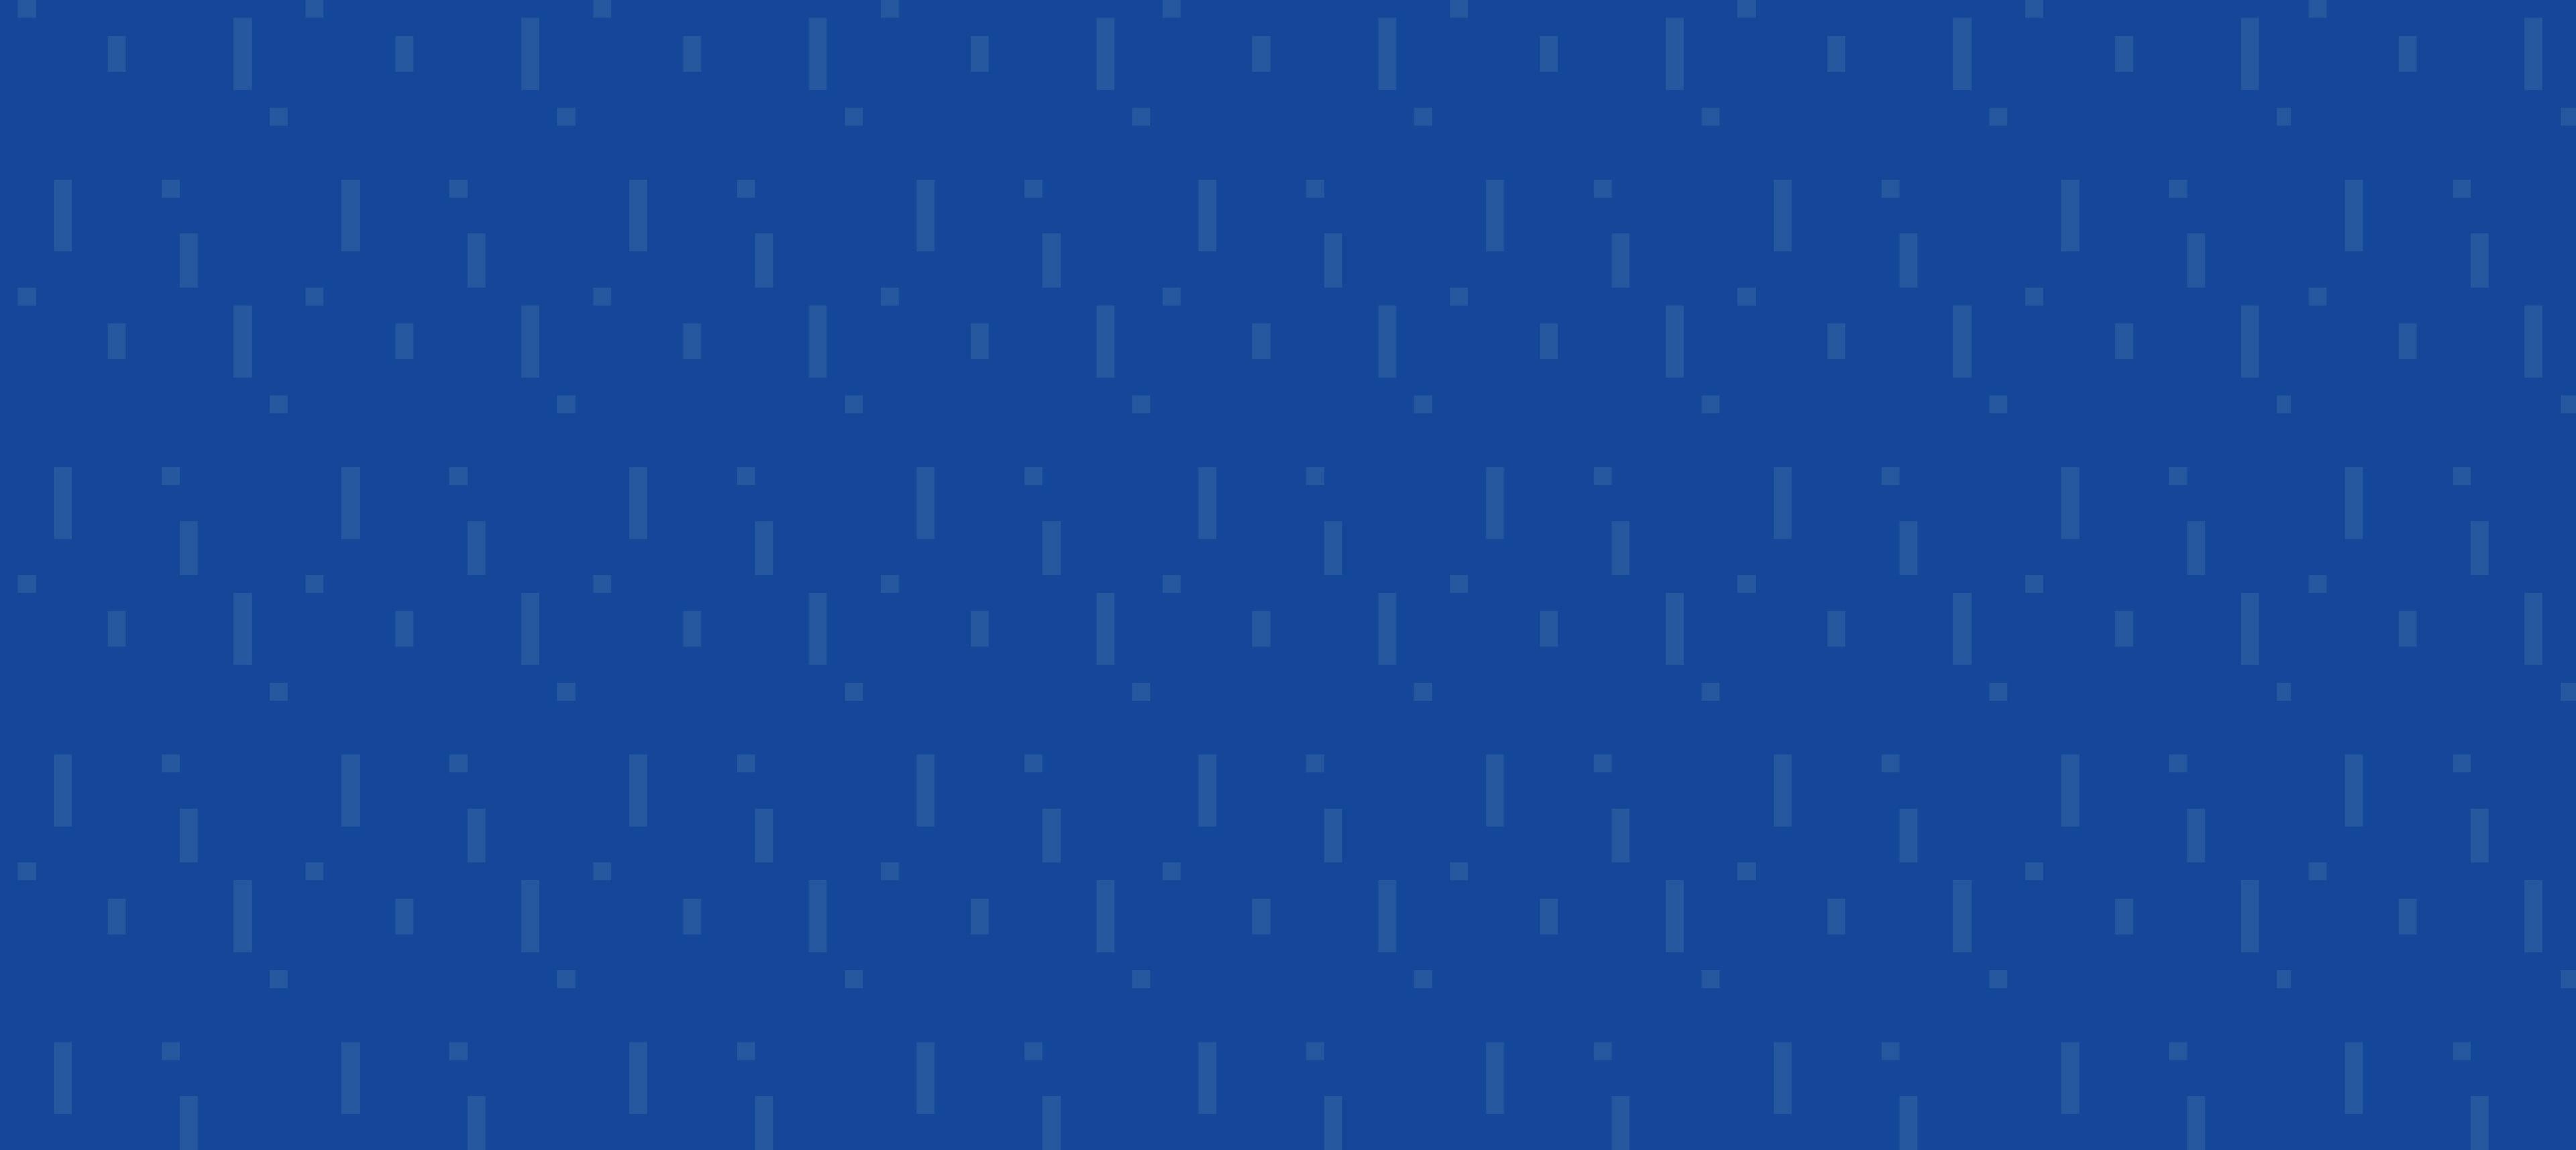 Minecraft water texture background image